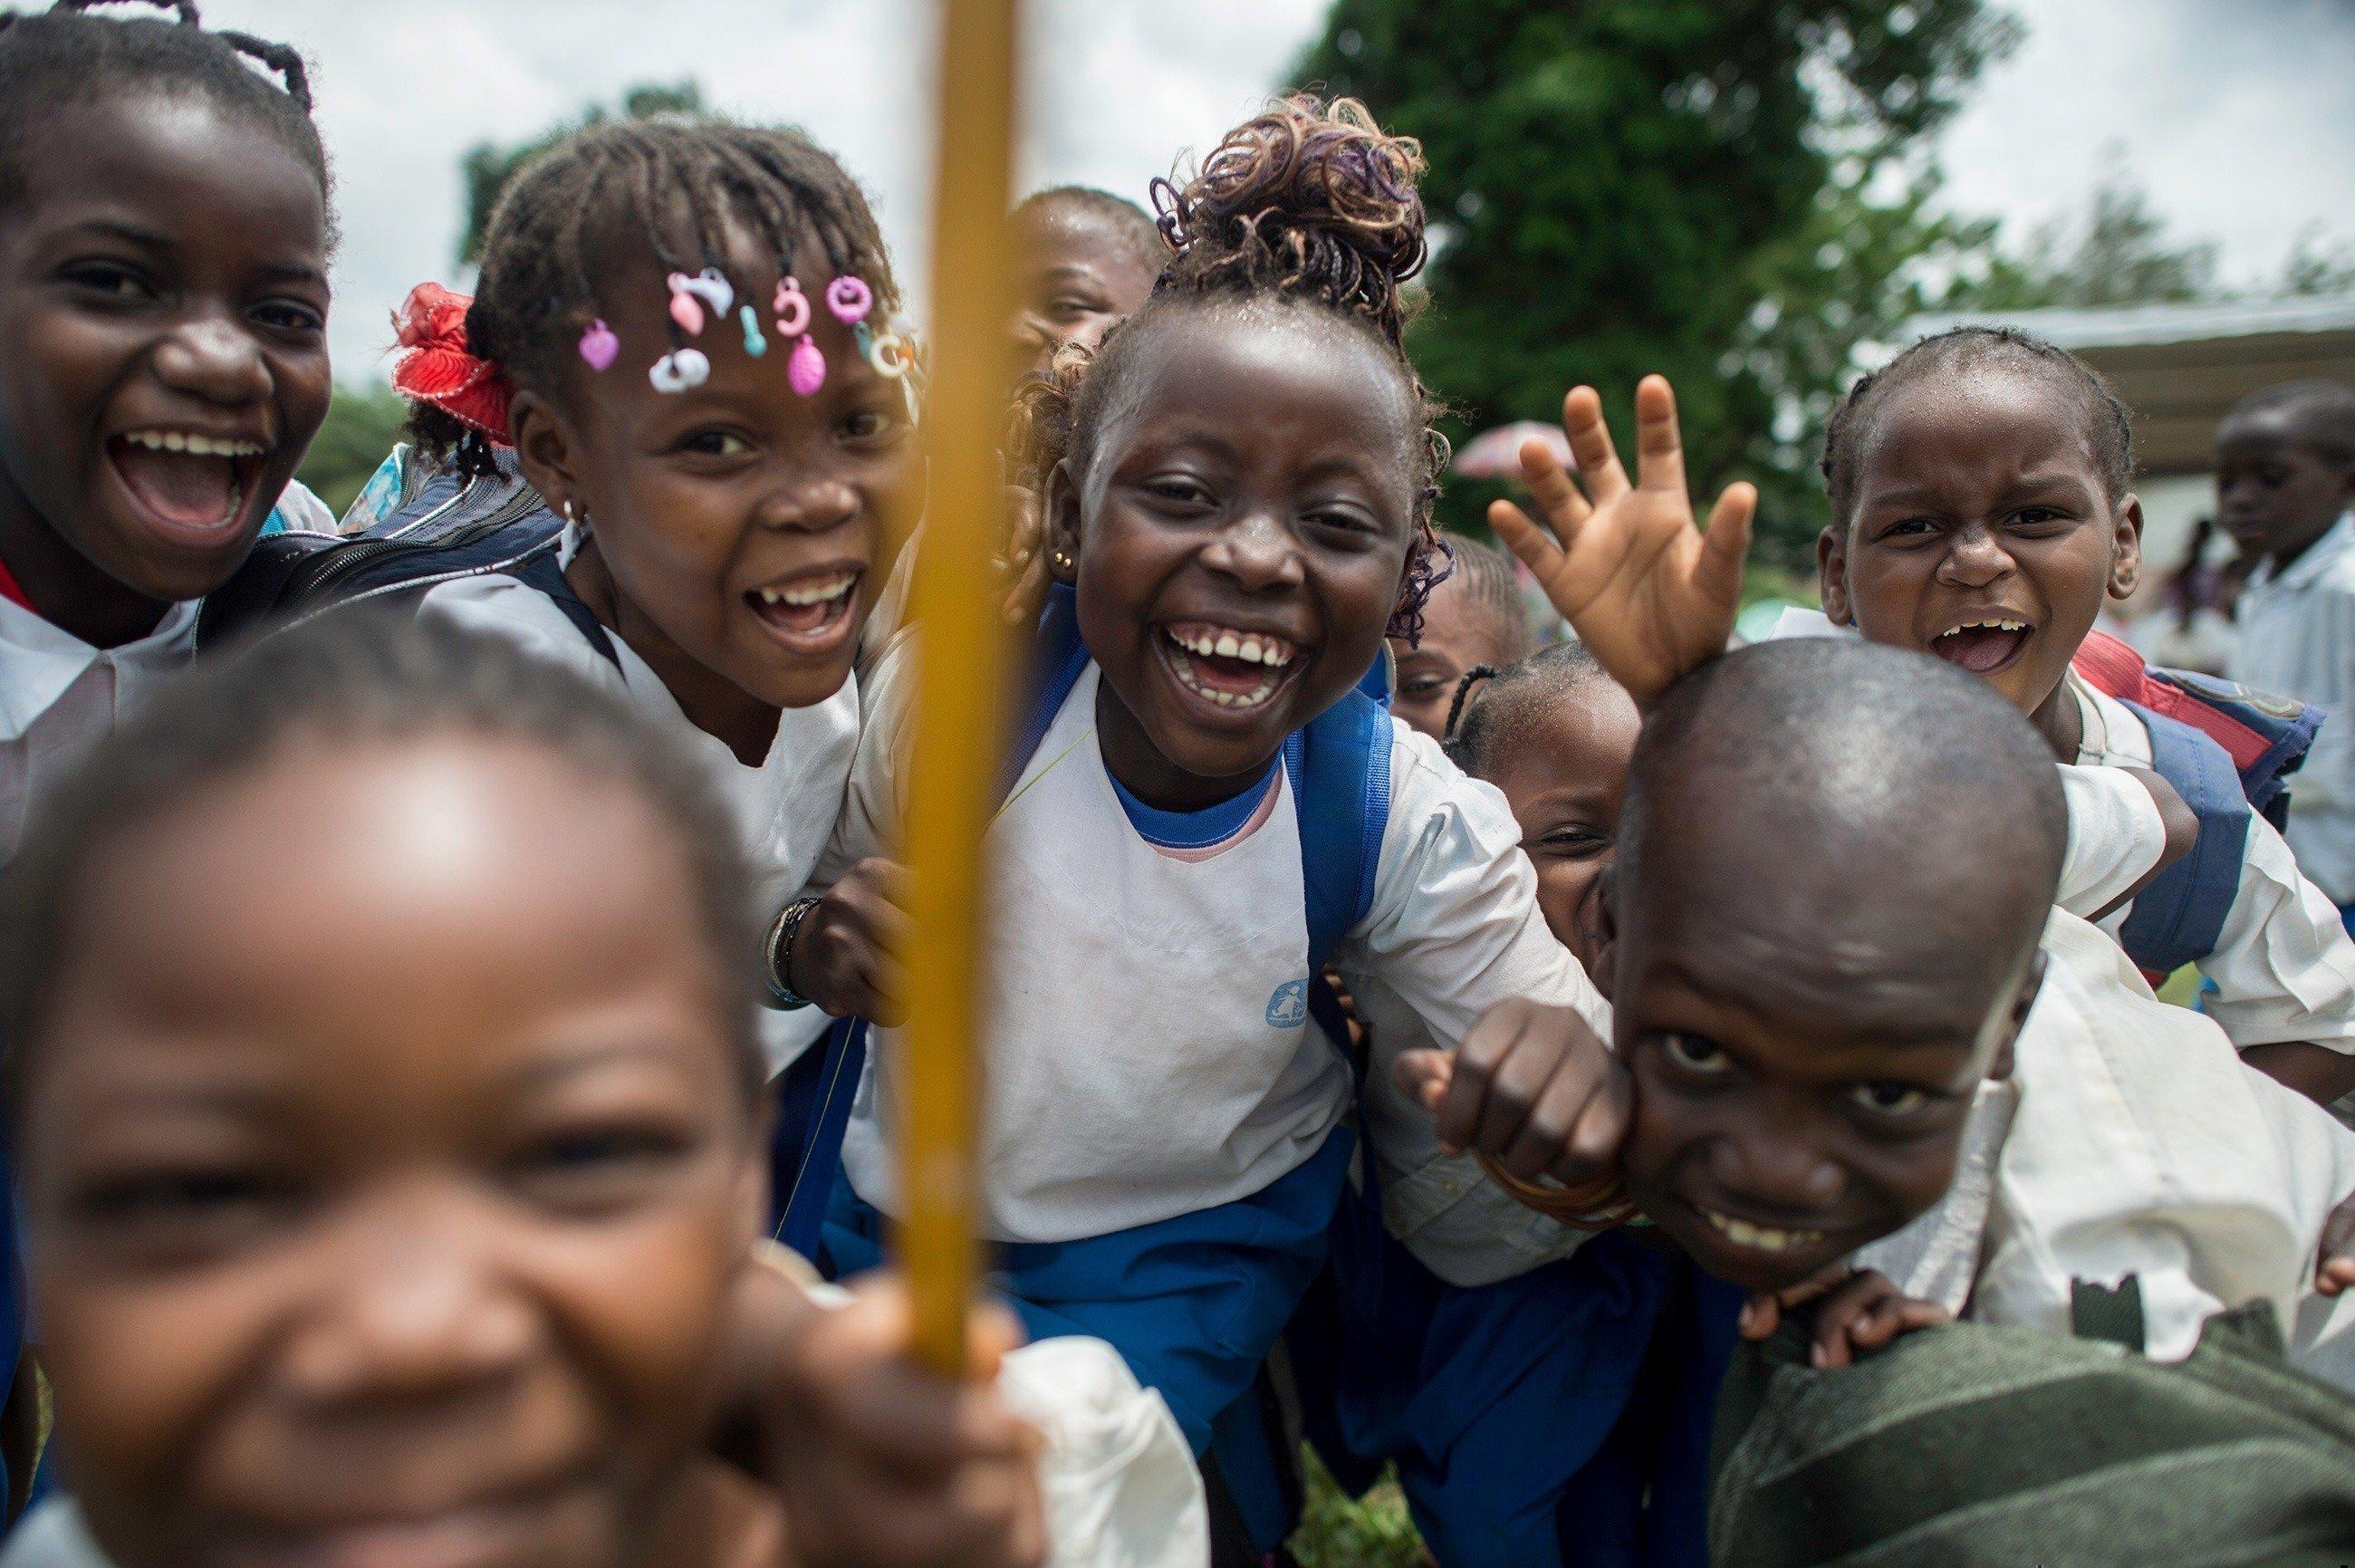 Gruppe afrikanischer Kinder lacht ausgelassen.